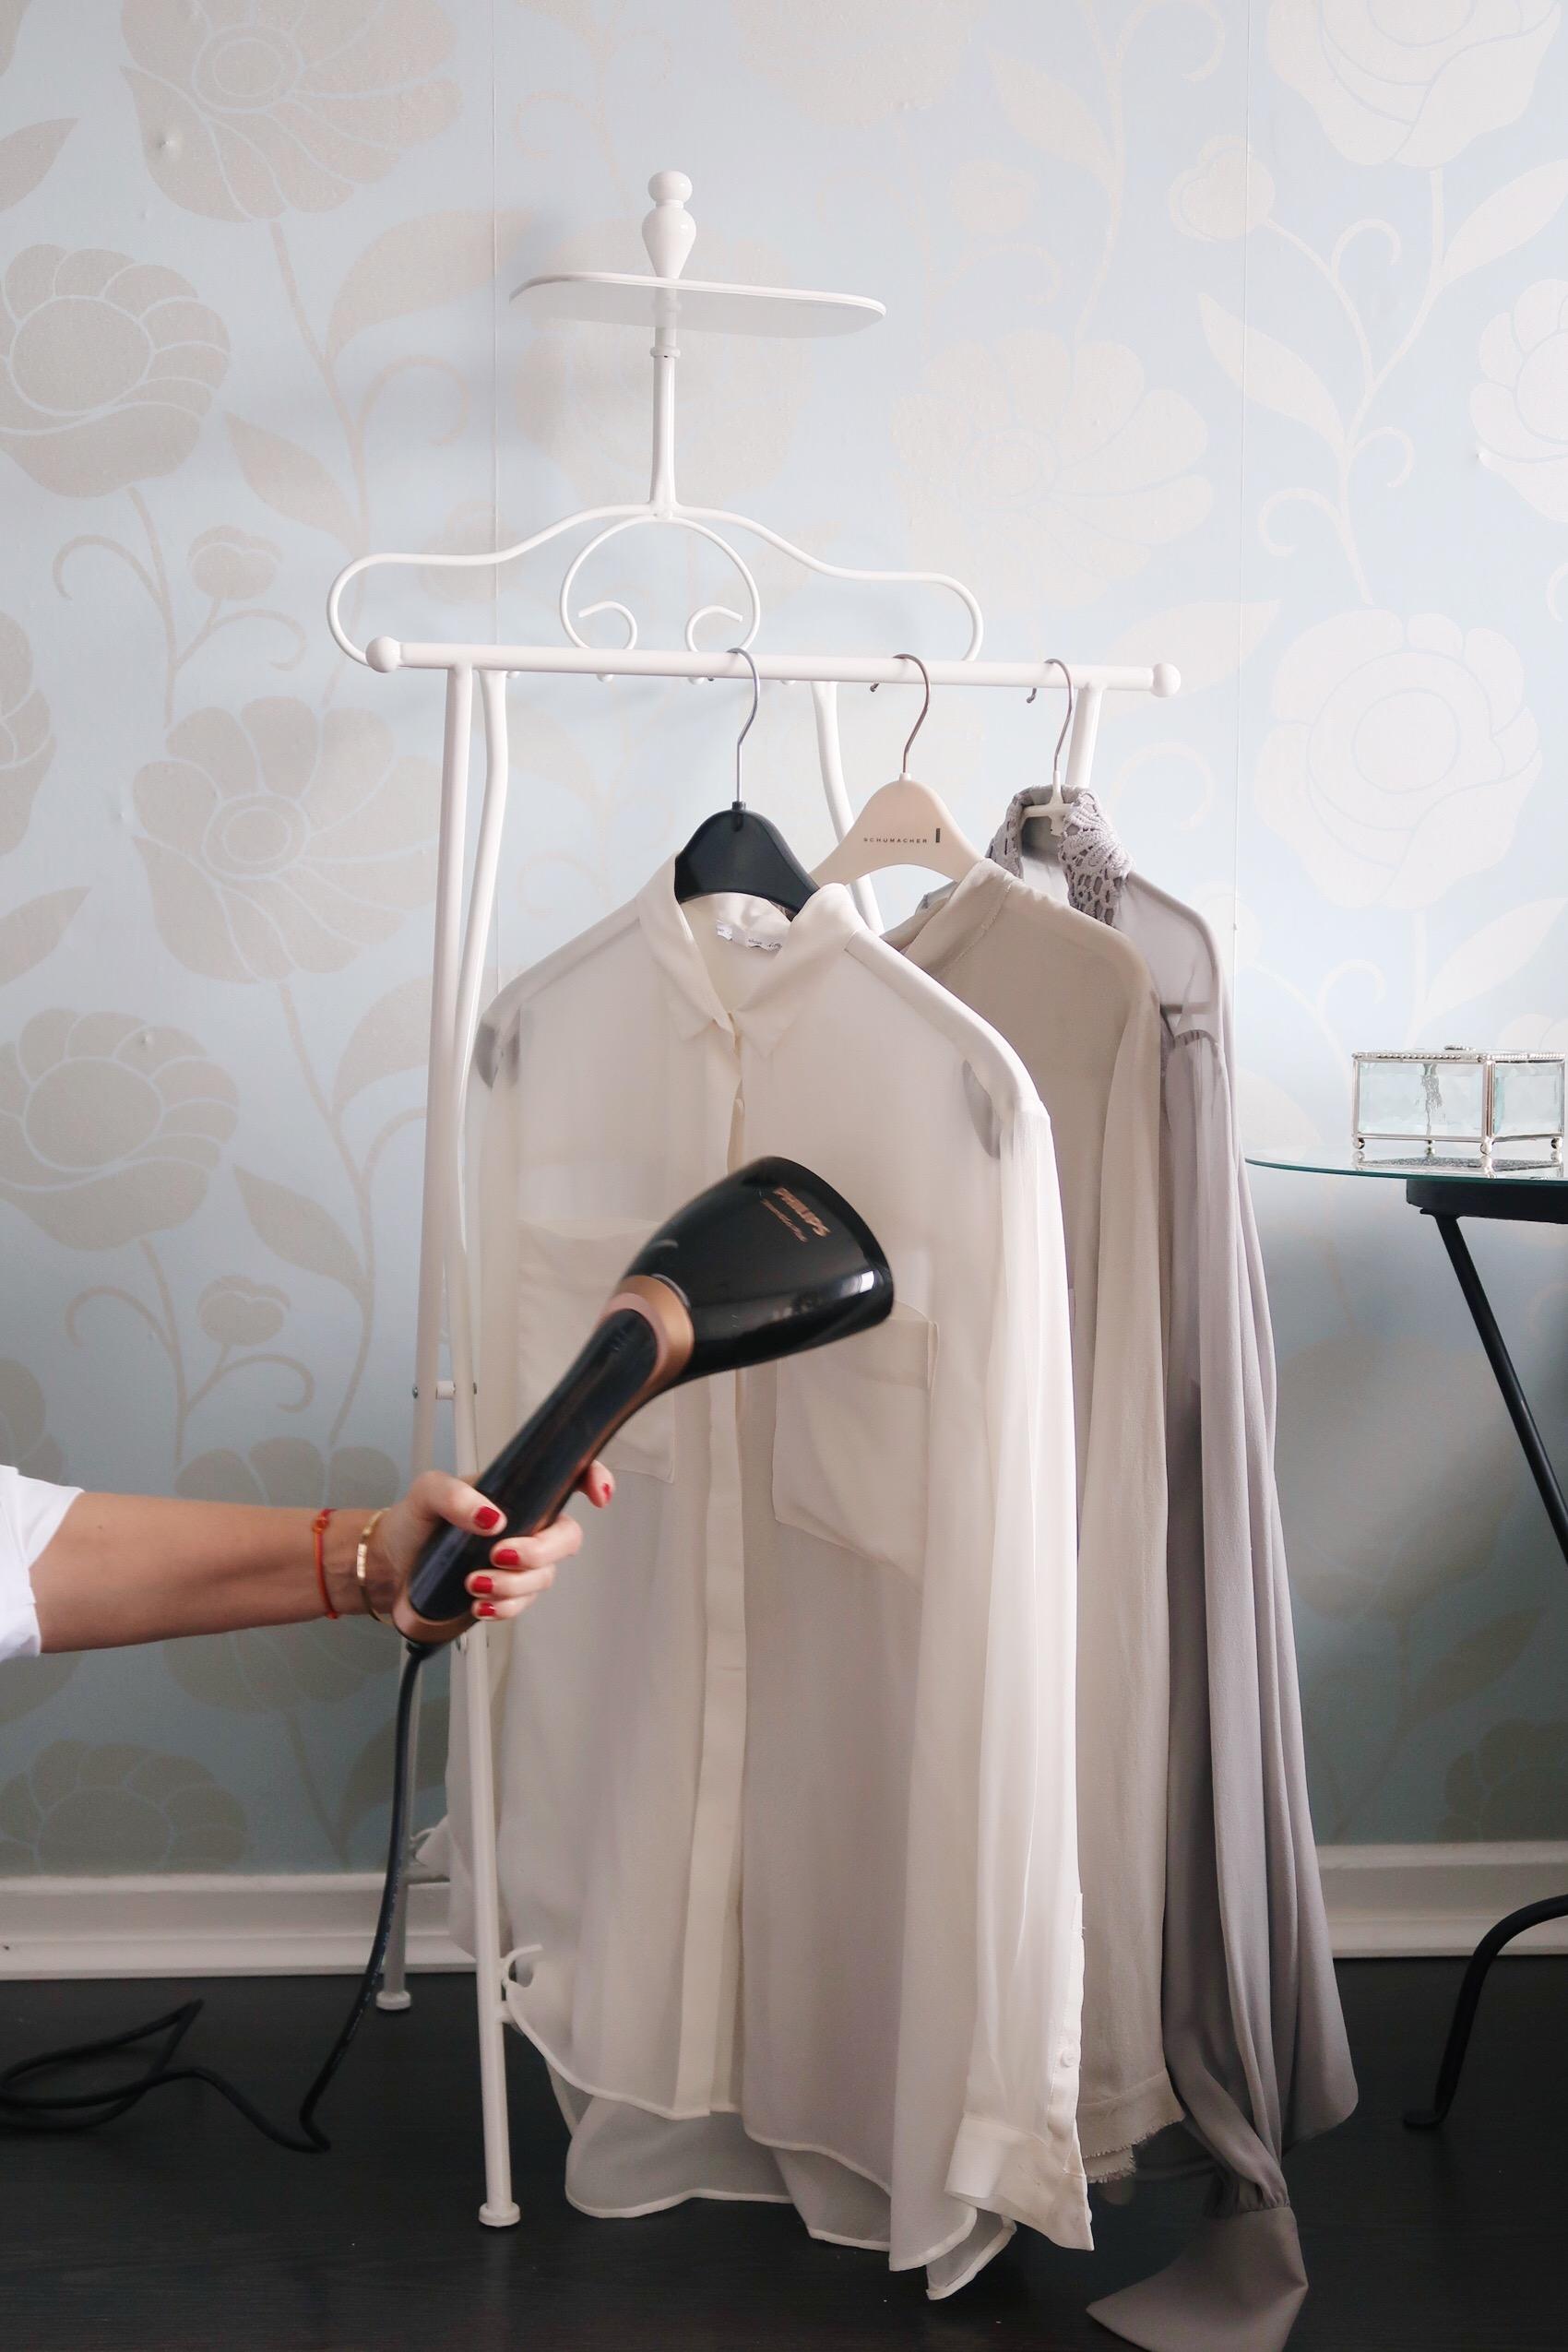 glamupyourlifestyle dampfbürste steam-go-plus Philips-Steam-go Steamer Bügeln Bügeleisen ü-40-blog ü-50-blog